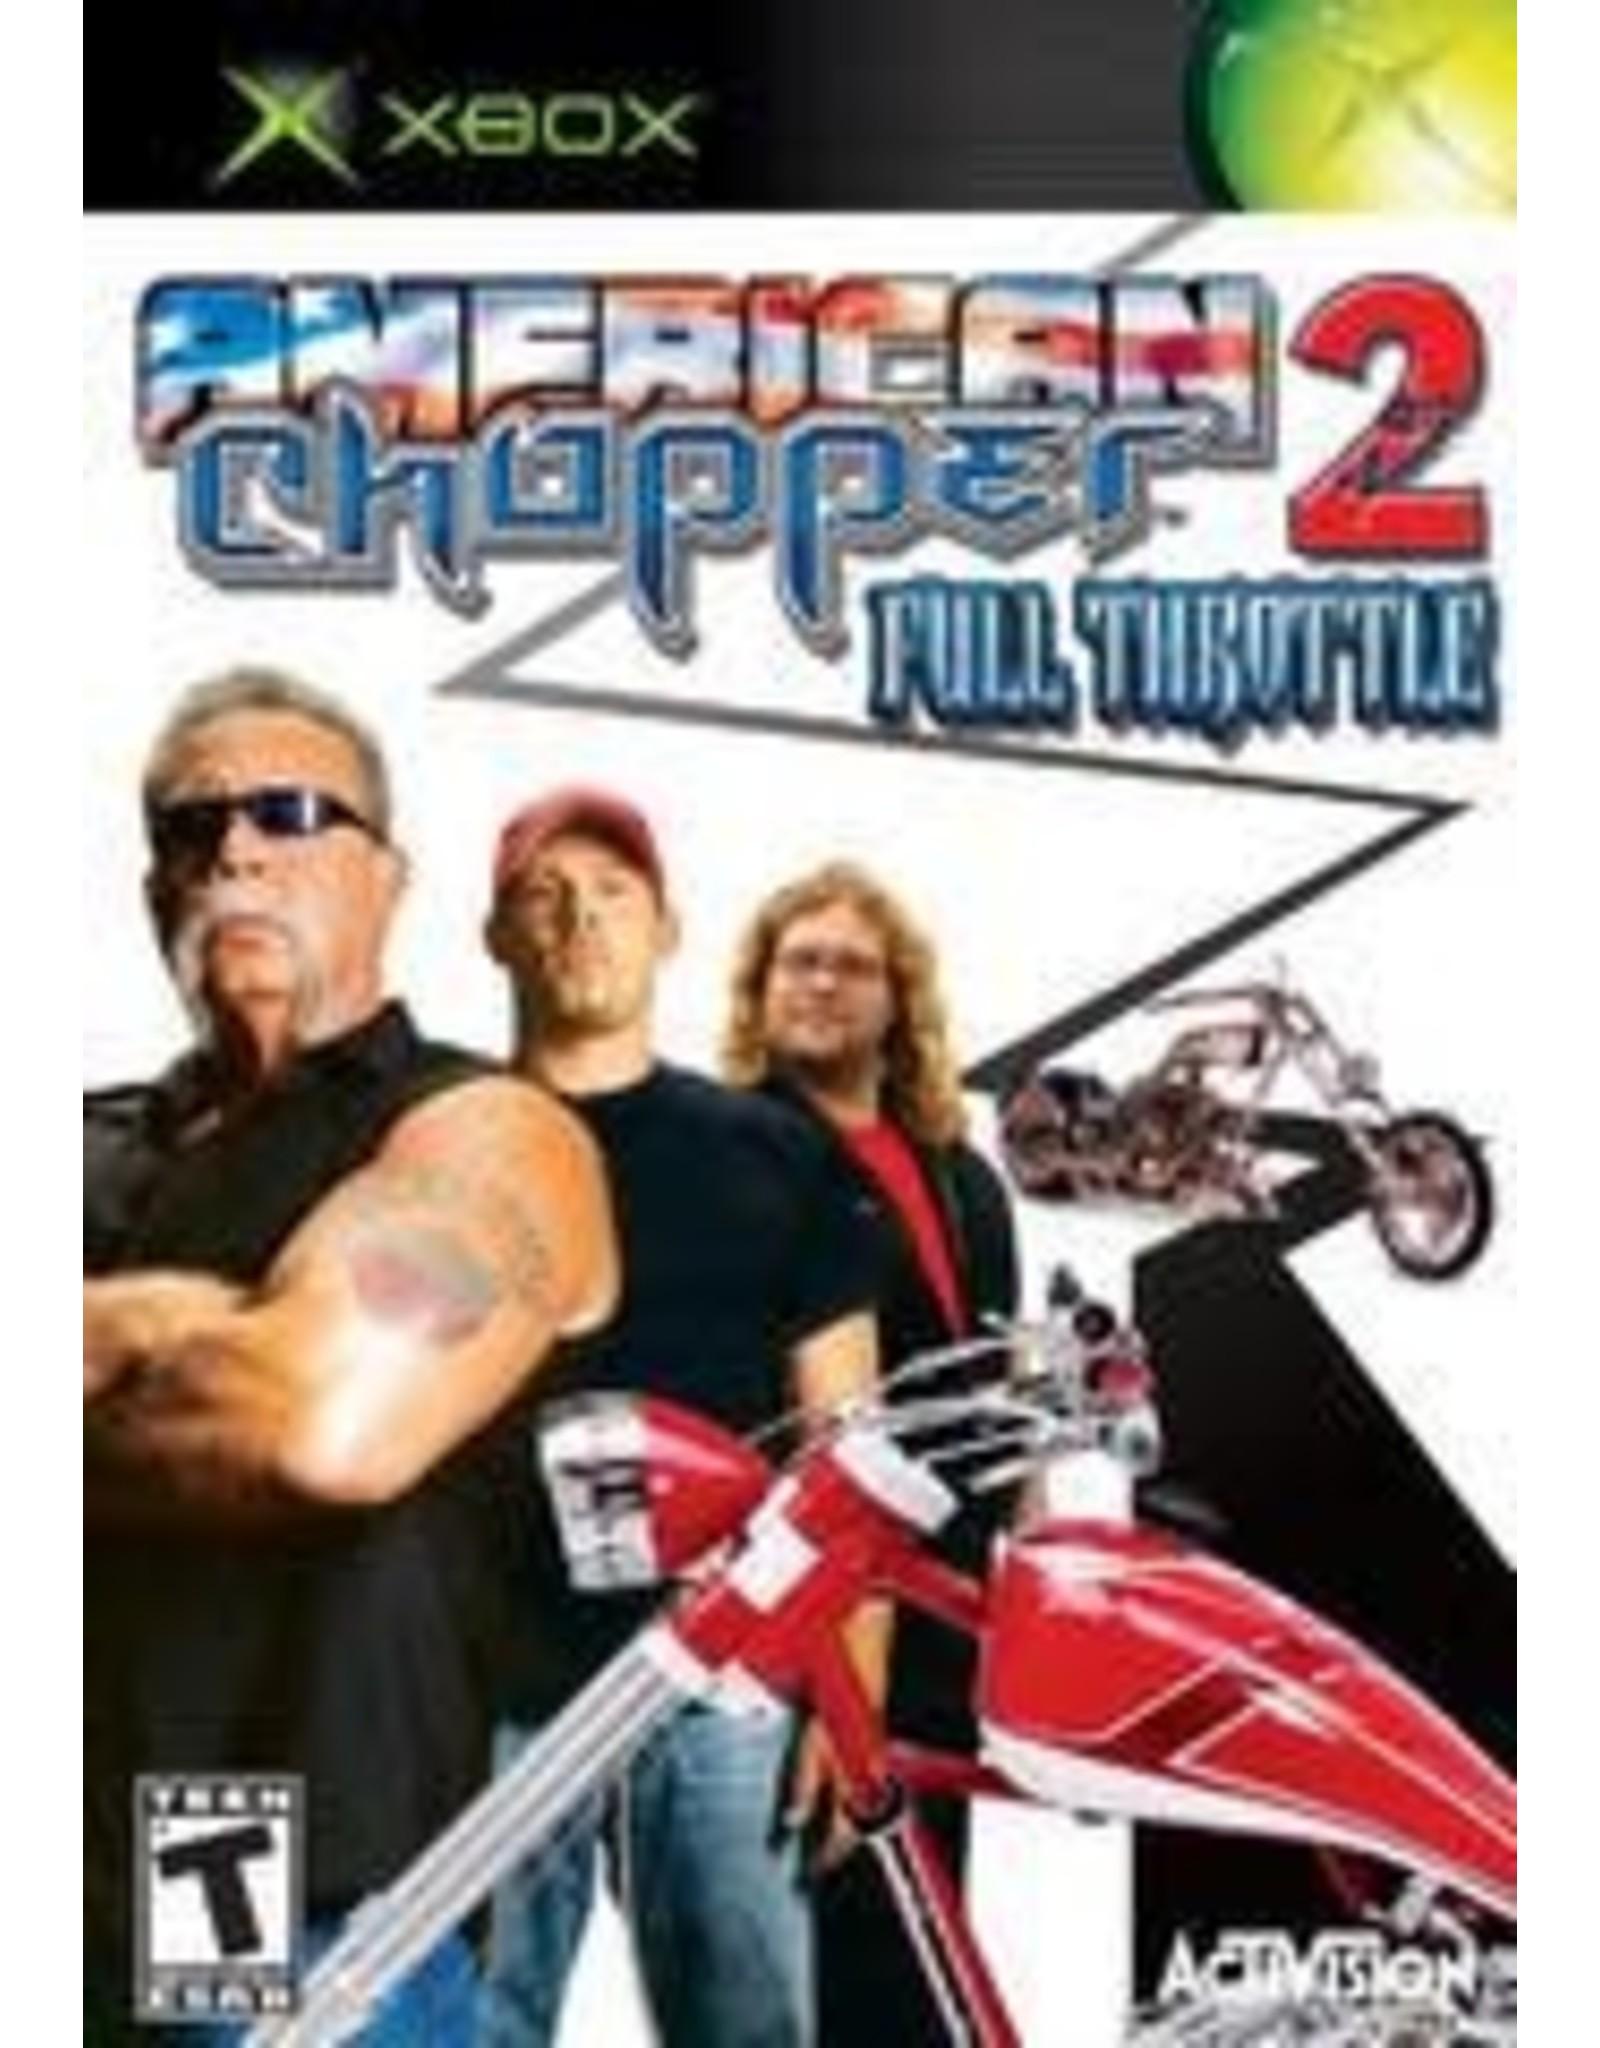 Xbox American Chopper 2 Full Throttle (CiB)